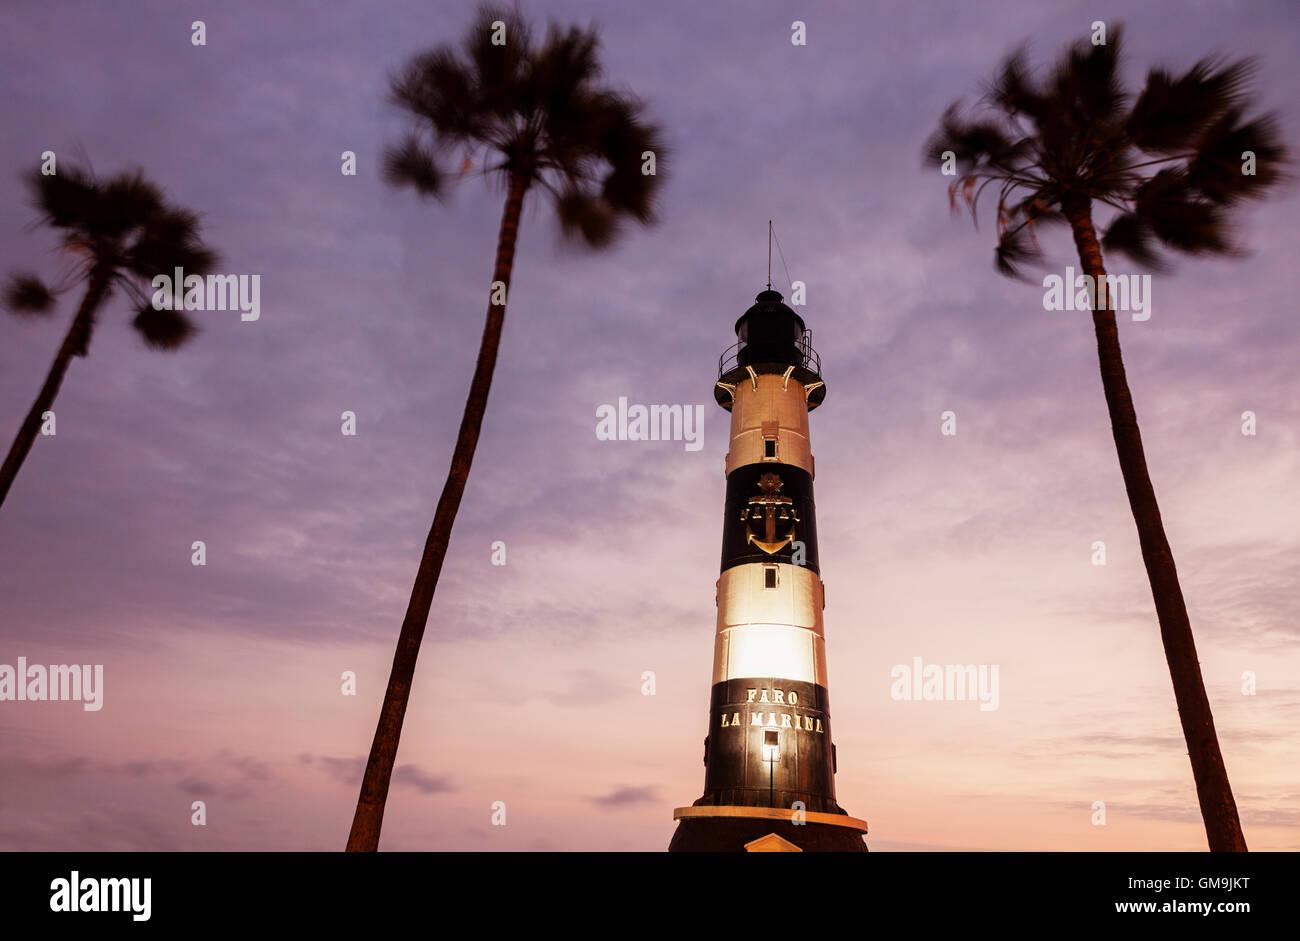 Il Perù, Lima, Miraflores, Faro de La Marina e palme al tramonto Immagini Stock